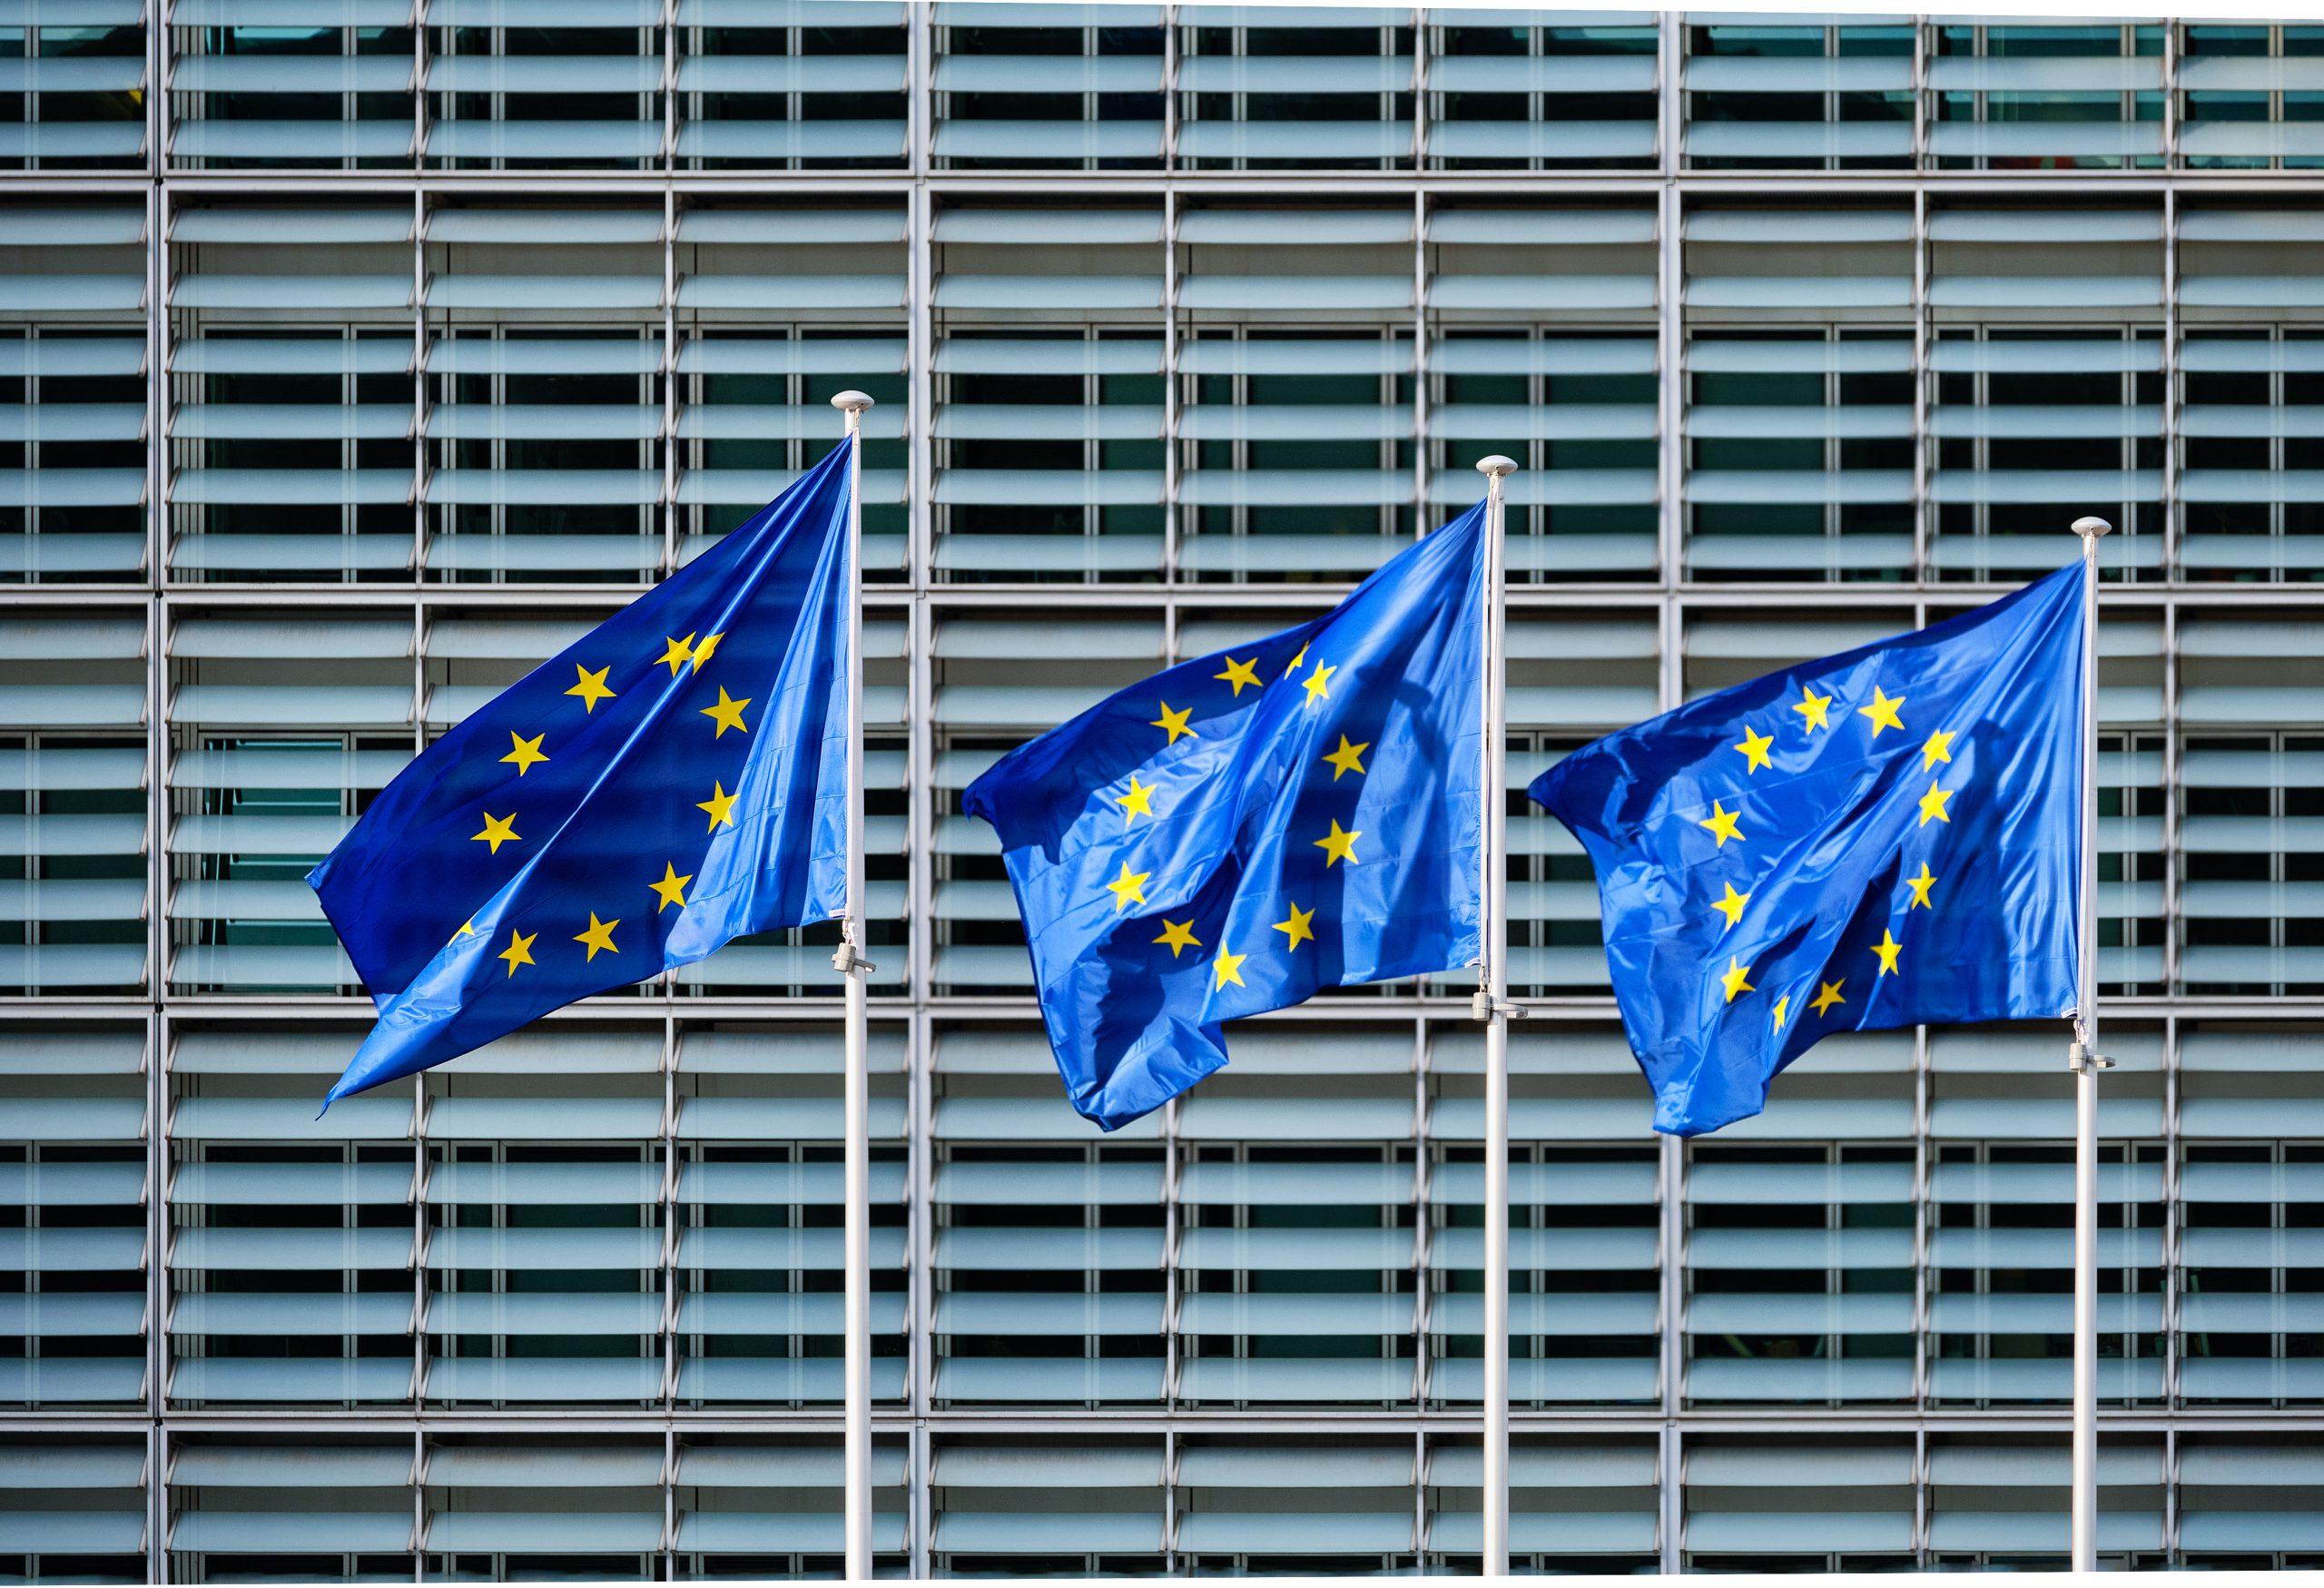 Реестр бенефициаров в Европе: Великобритания, Венгрия, Кипр, Люксембург, Мальта, Нидерланды, Румыния, Франция